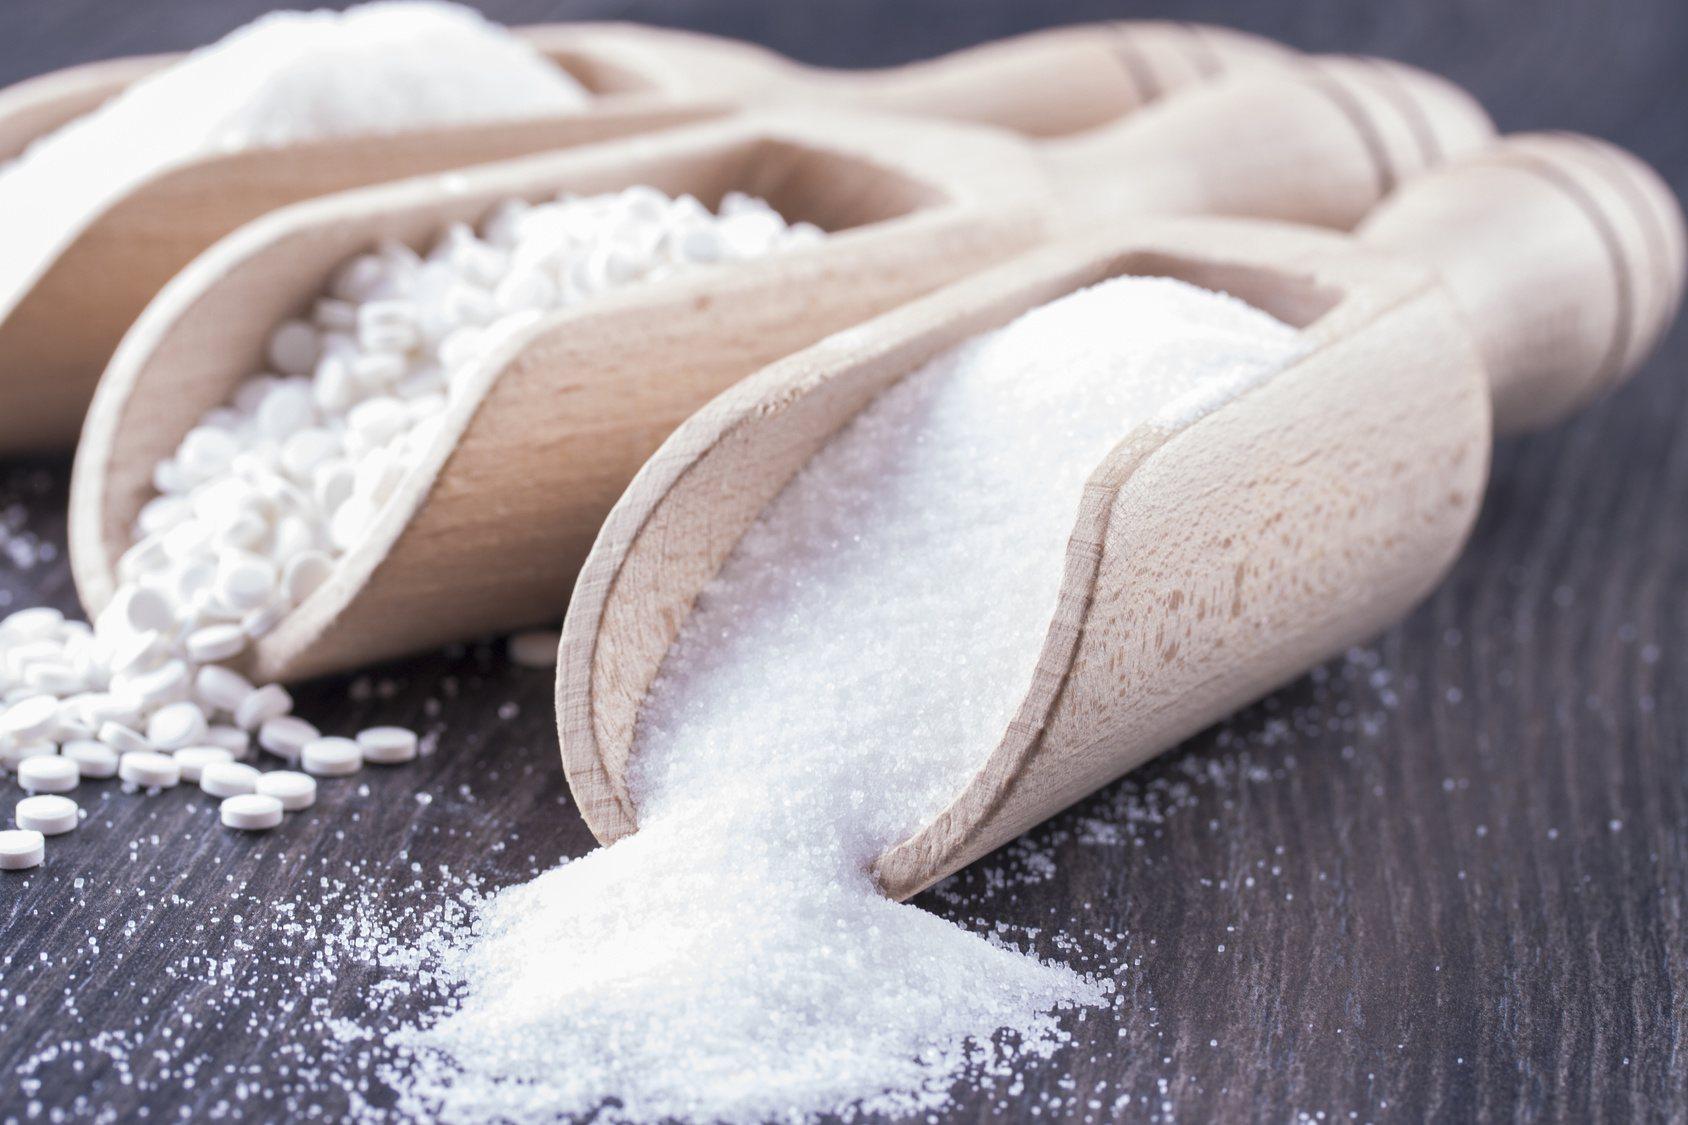 Künstliche Süßstoffe finden immer häufiger den Weg in unsere Lebensmittel